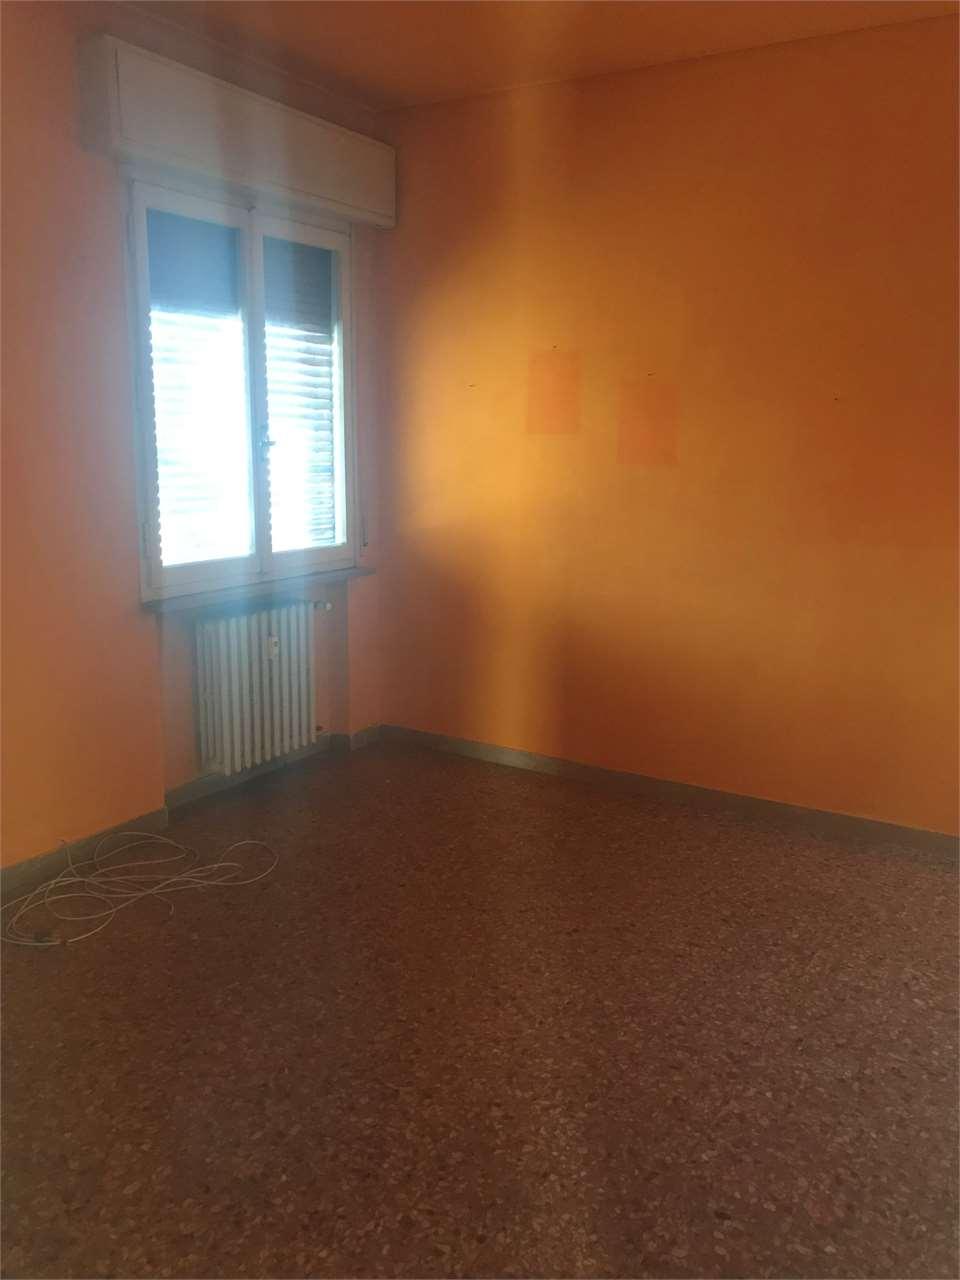 Appartamento in vendita a Marcaria, 2 locali, zona Zona: Campitello, prezzo € 12.000 | CambioCasa.it